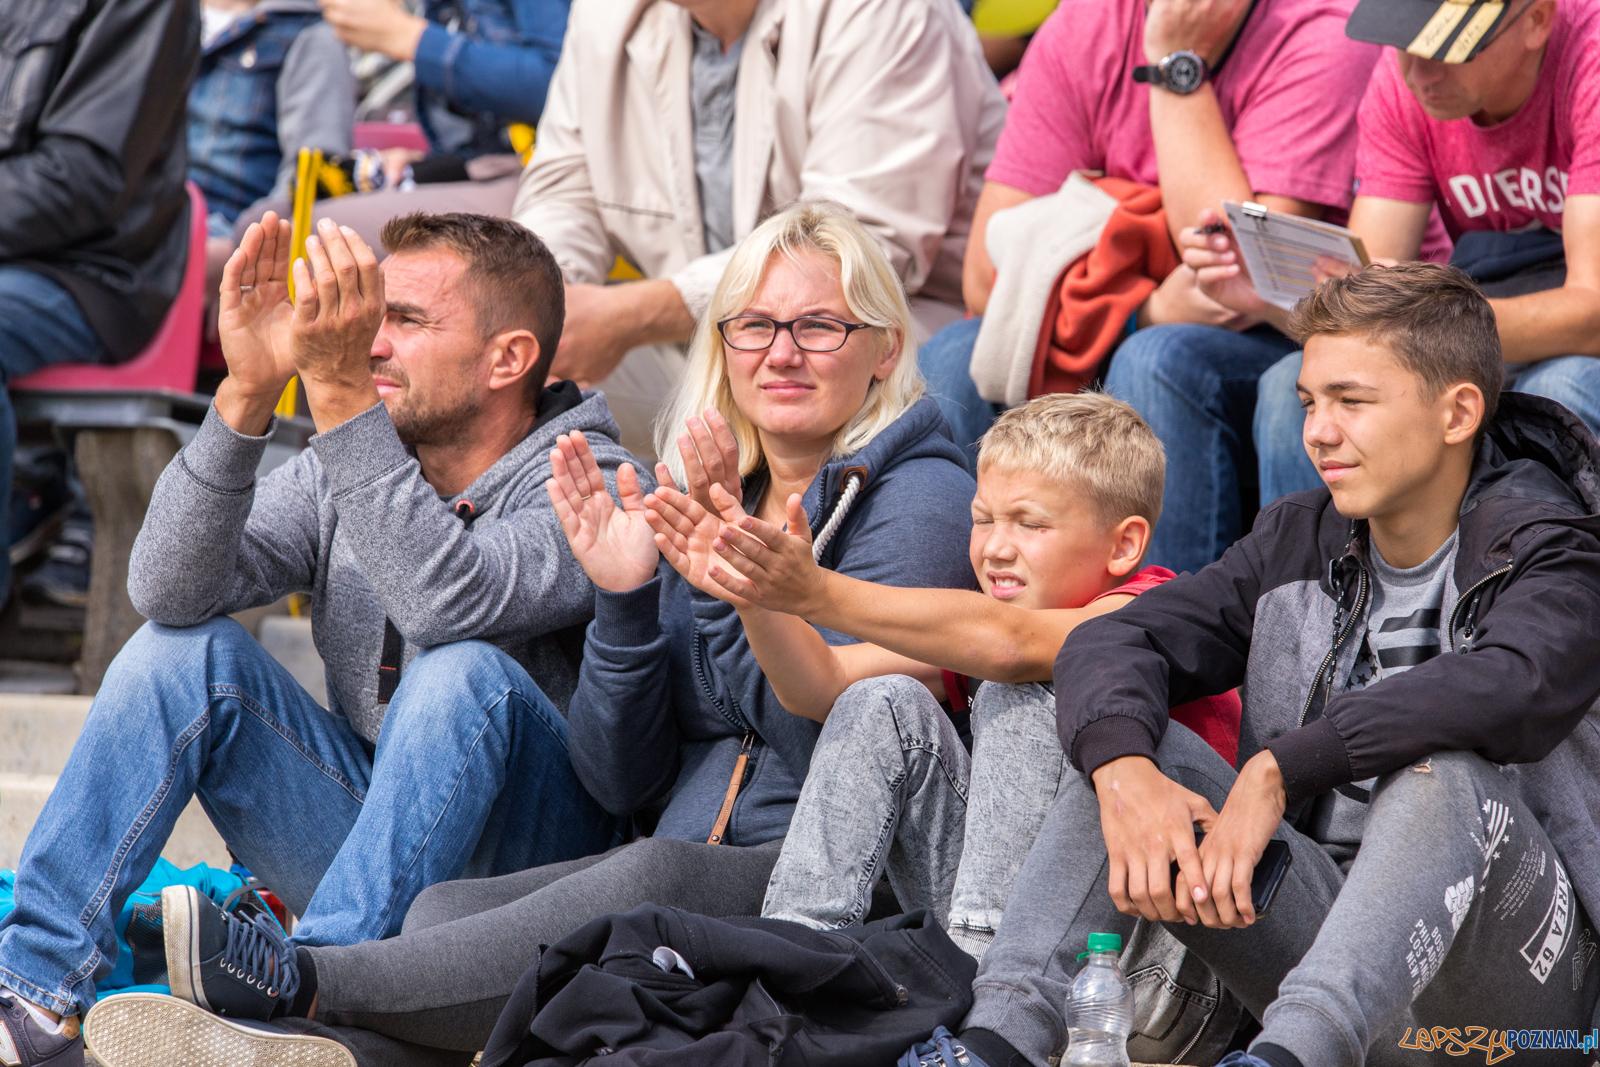 Finał 2 liga żużla: Power Duck Iveston PSŻ Poznań - ZOOlesz  Foto: LepszyPOZNAN.pl / Paweł Rychter